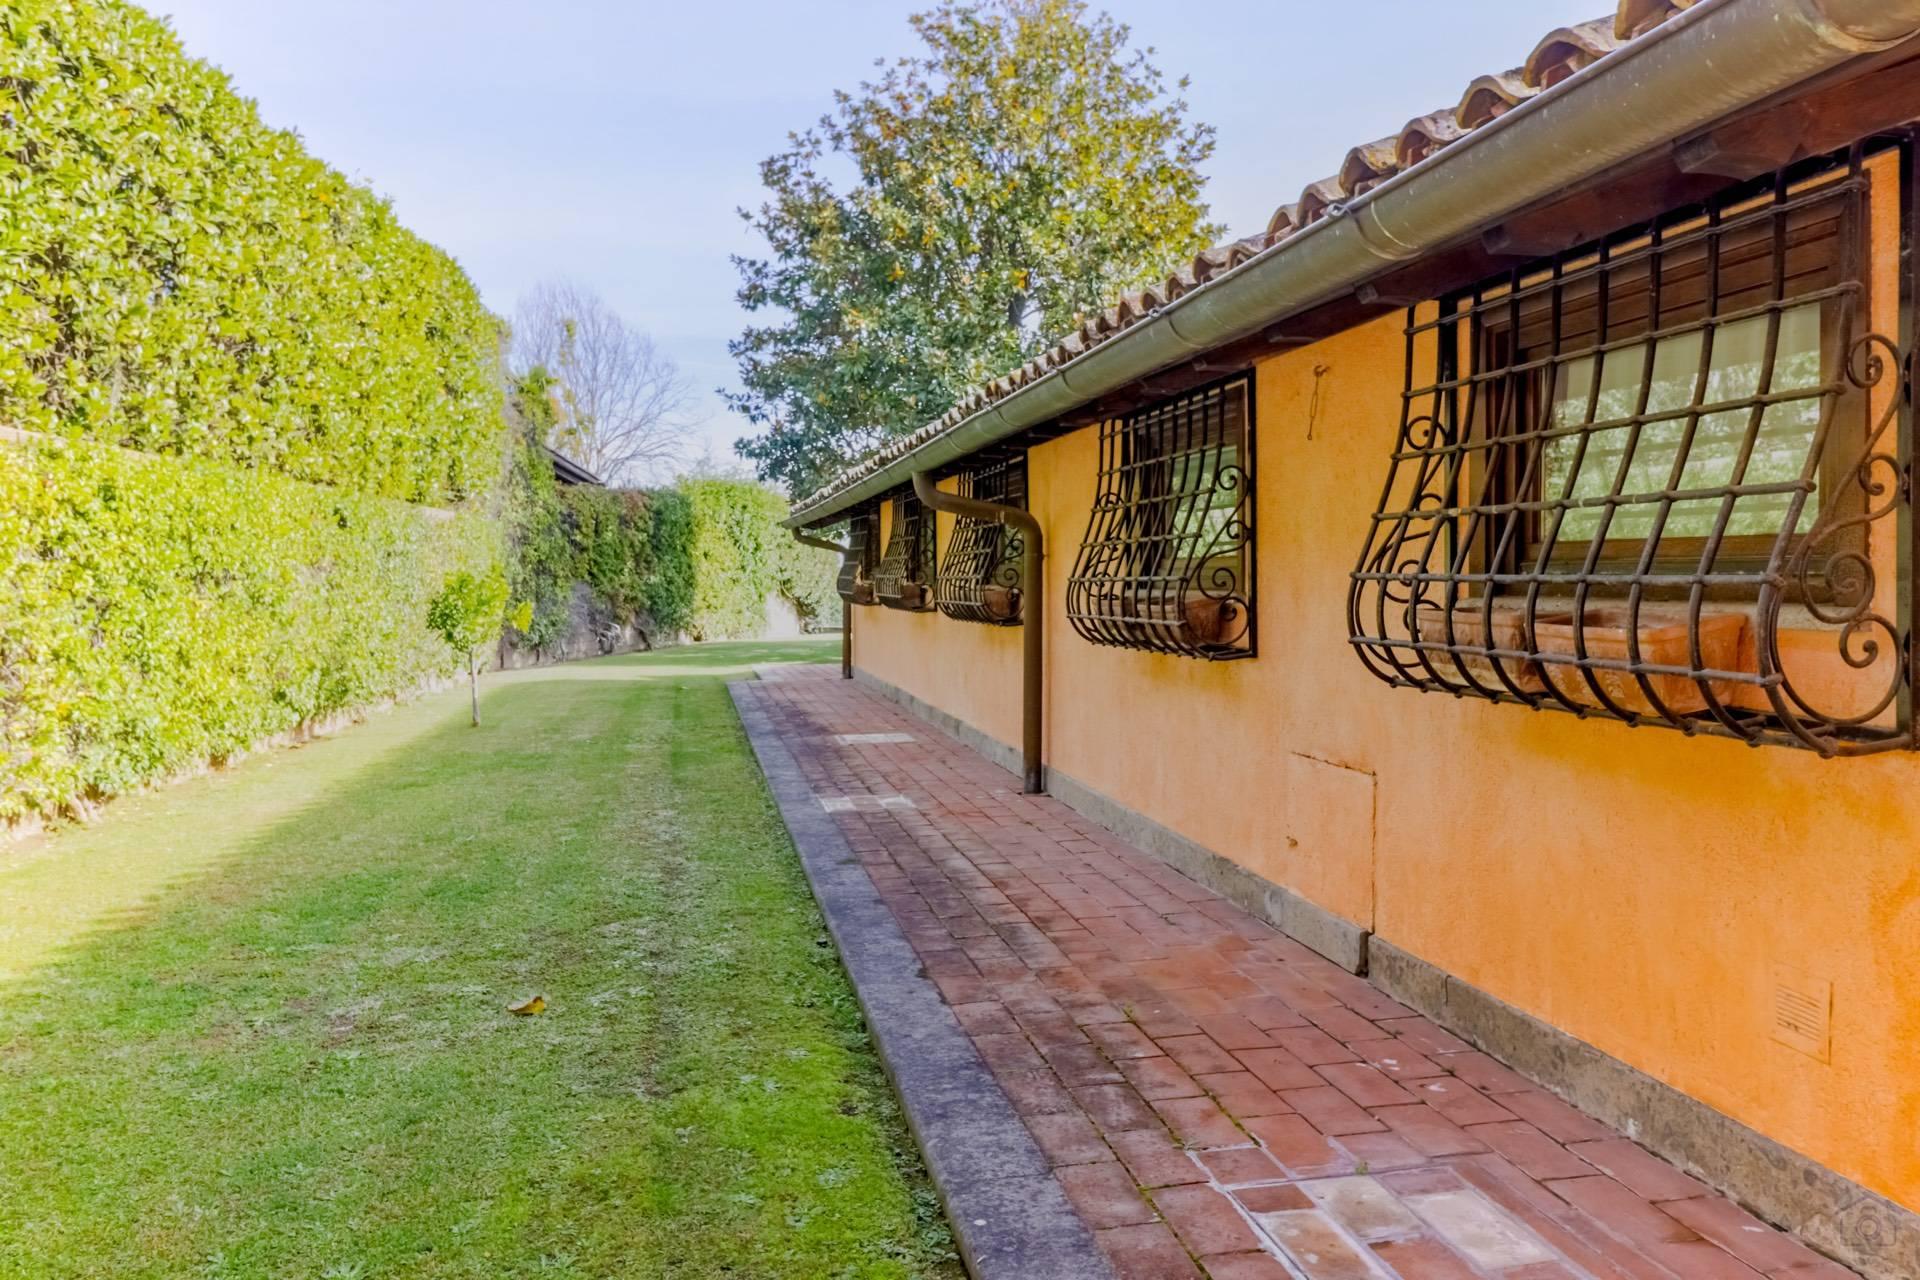 Villa in Vendita a Sacrofano: 5 locali, 180 mq - Foto 19